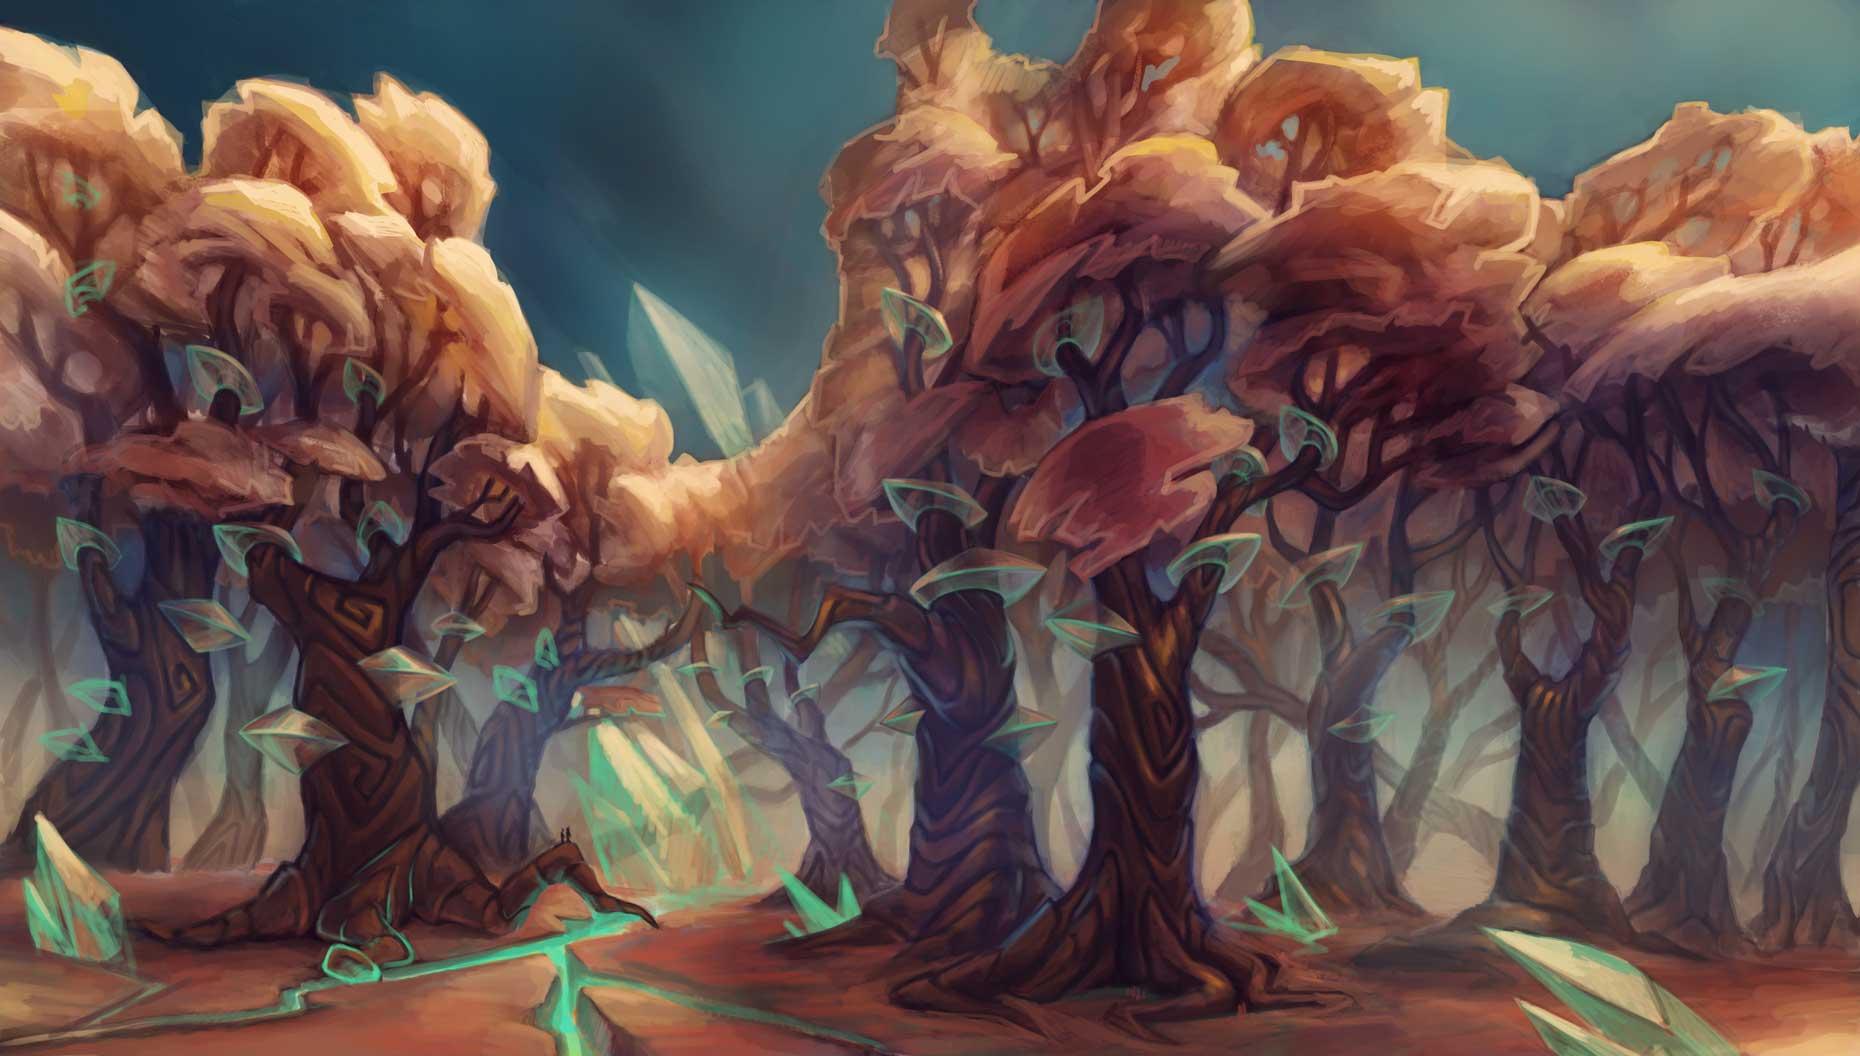 Landscape sketch by Silartworks